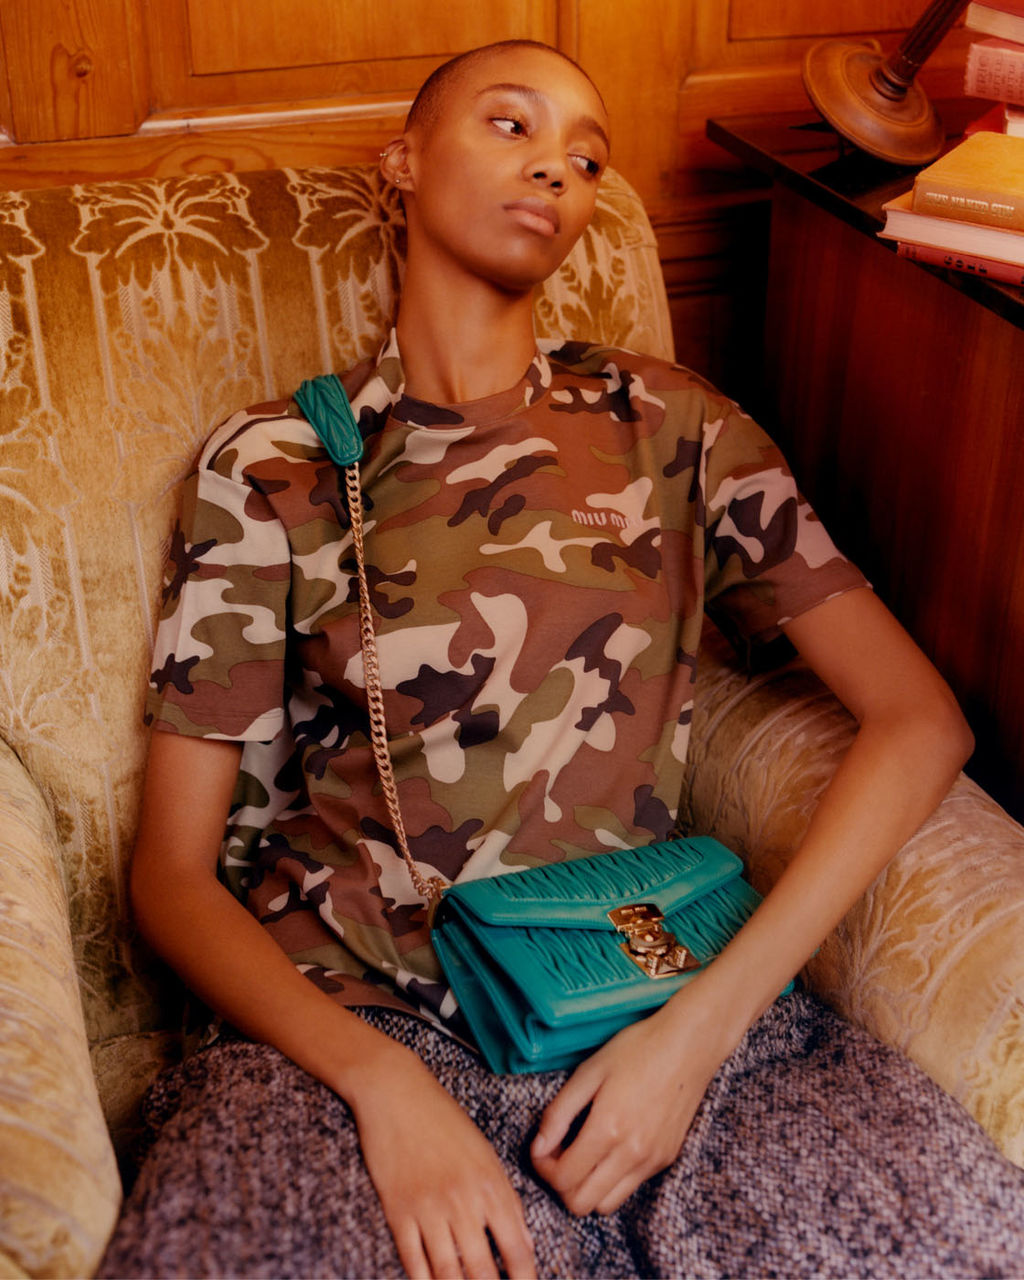 Miu Miu Confidential Handbag Campaign by Jacobs + Talbourdet-Napoleone